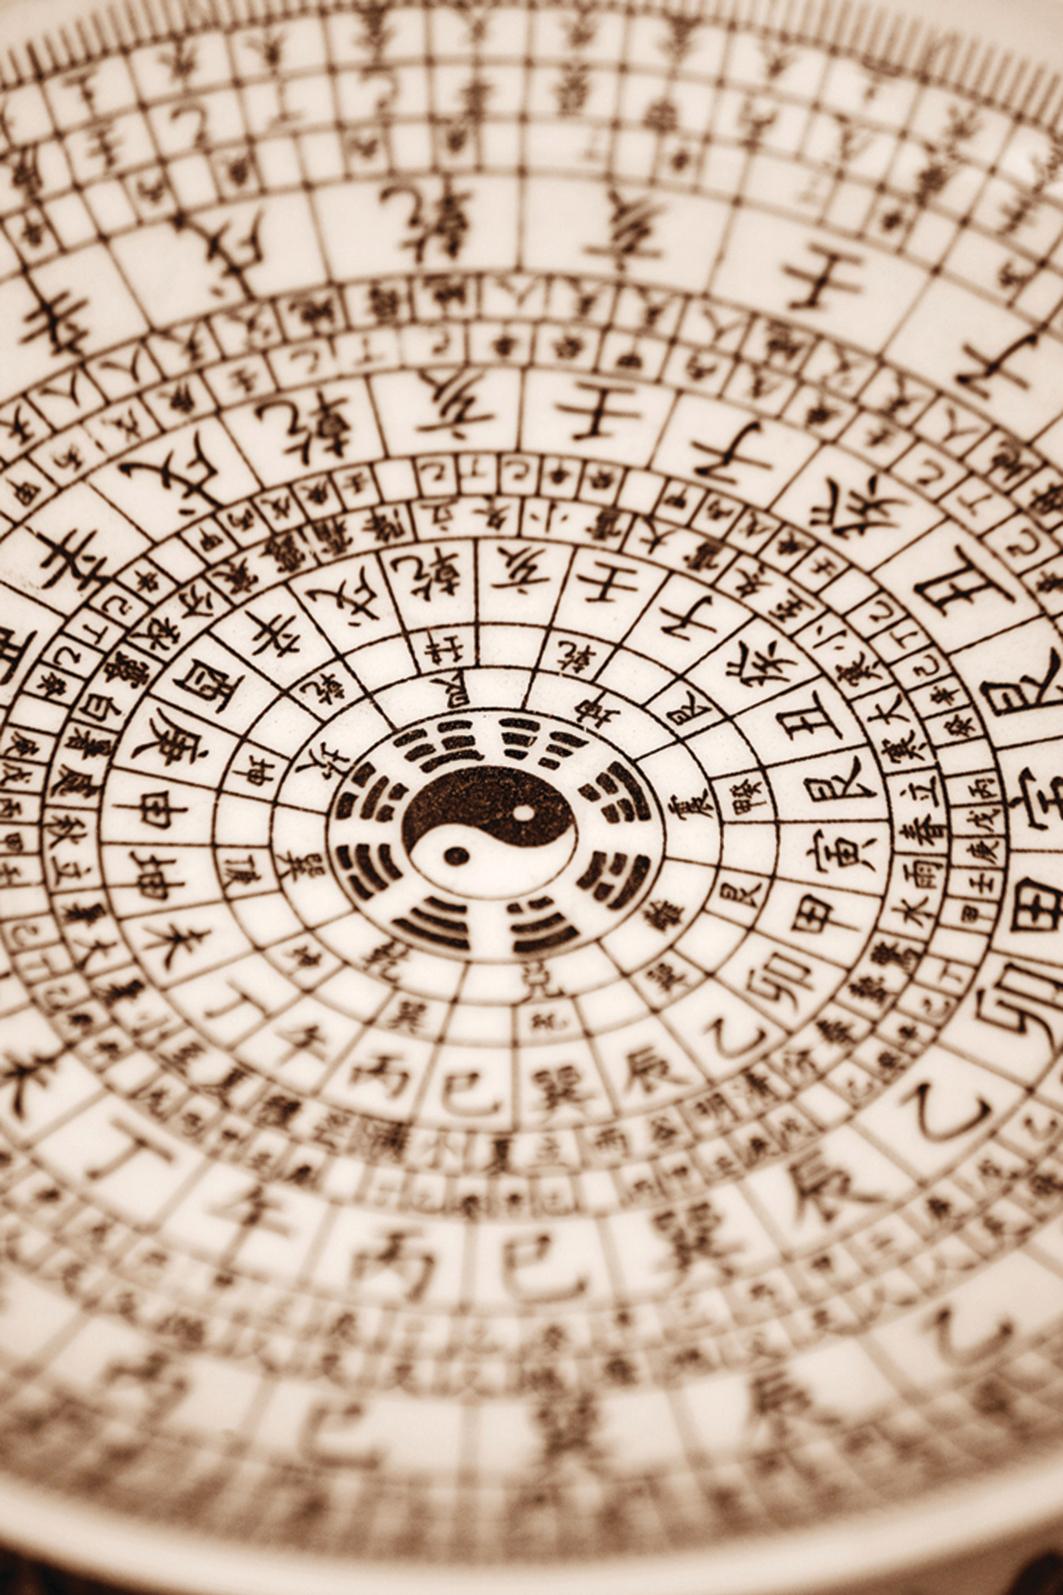 中國的八卦圖是用來告訴未來。(Fotolia)